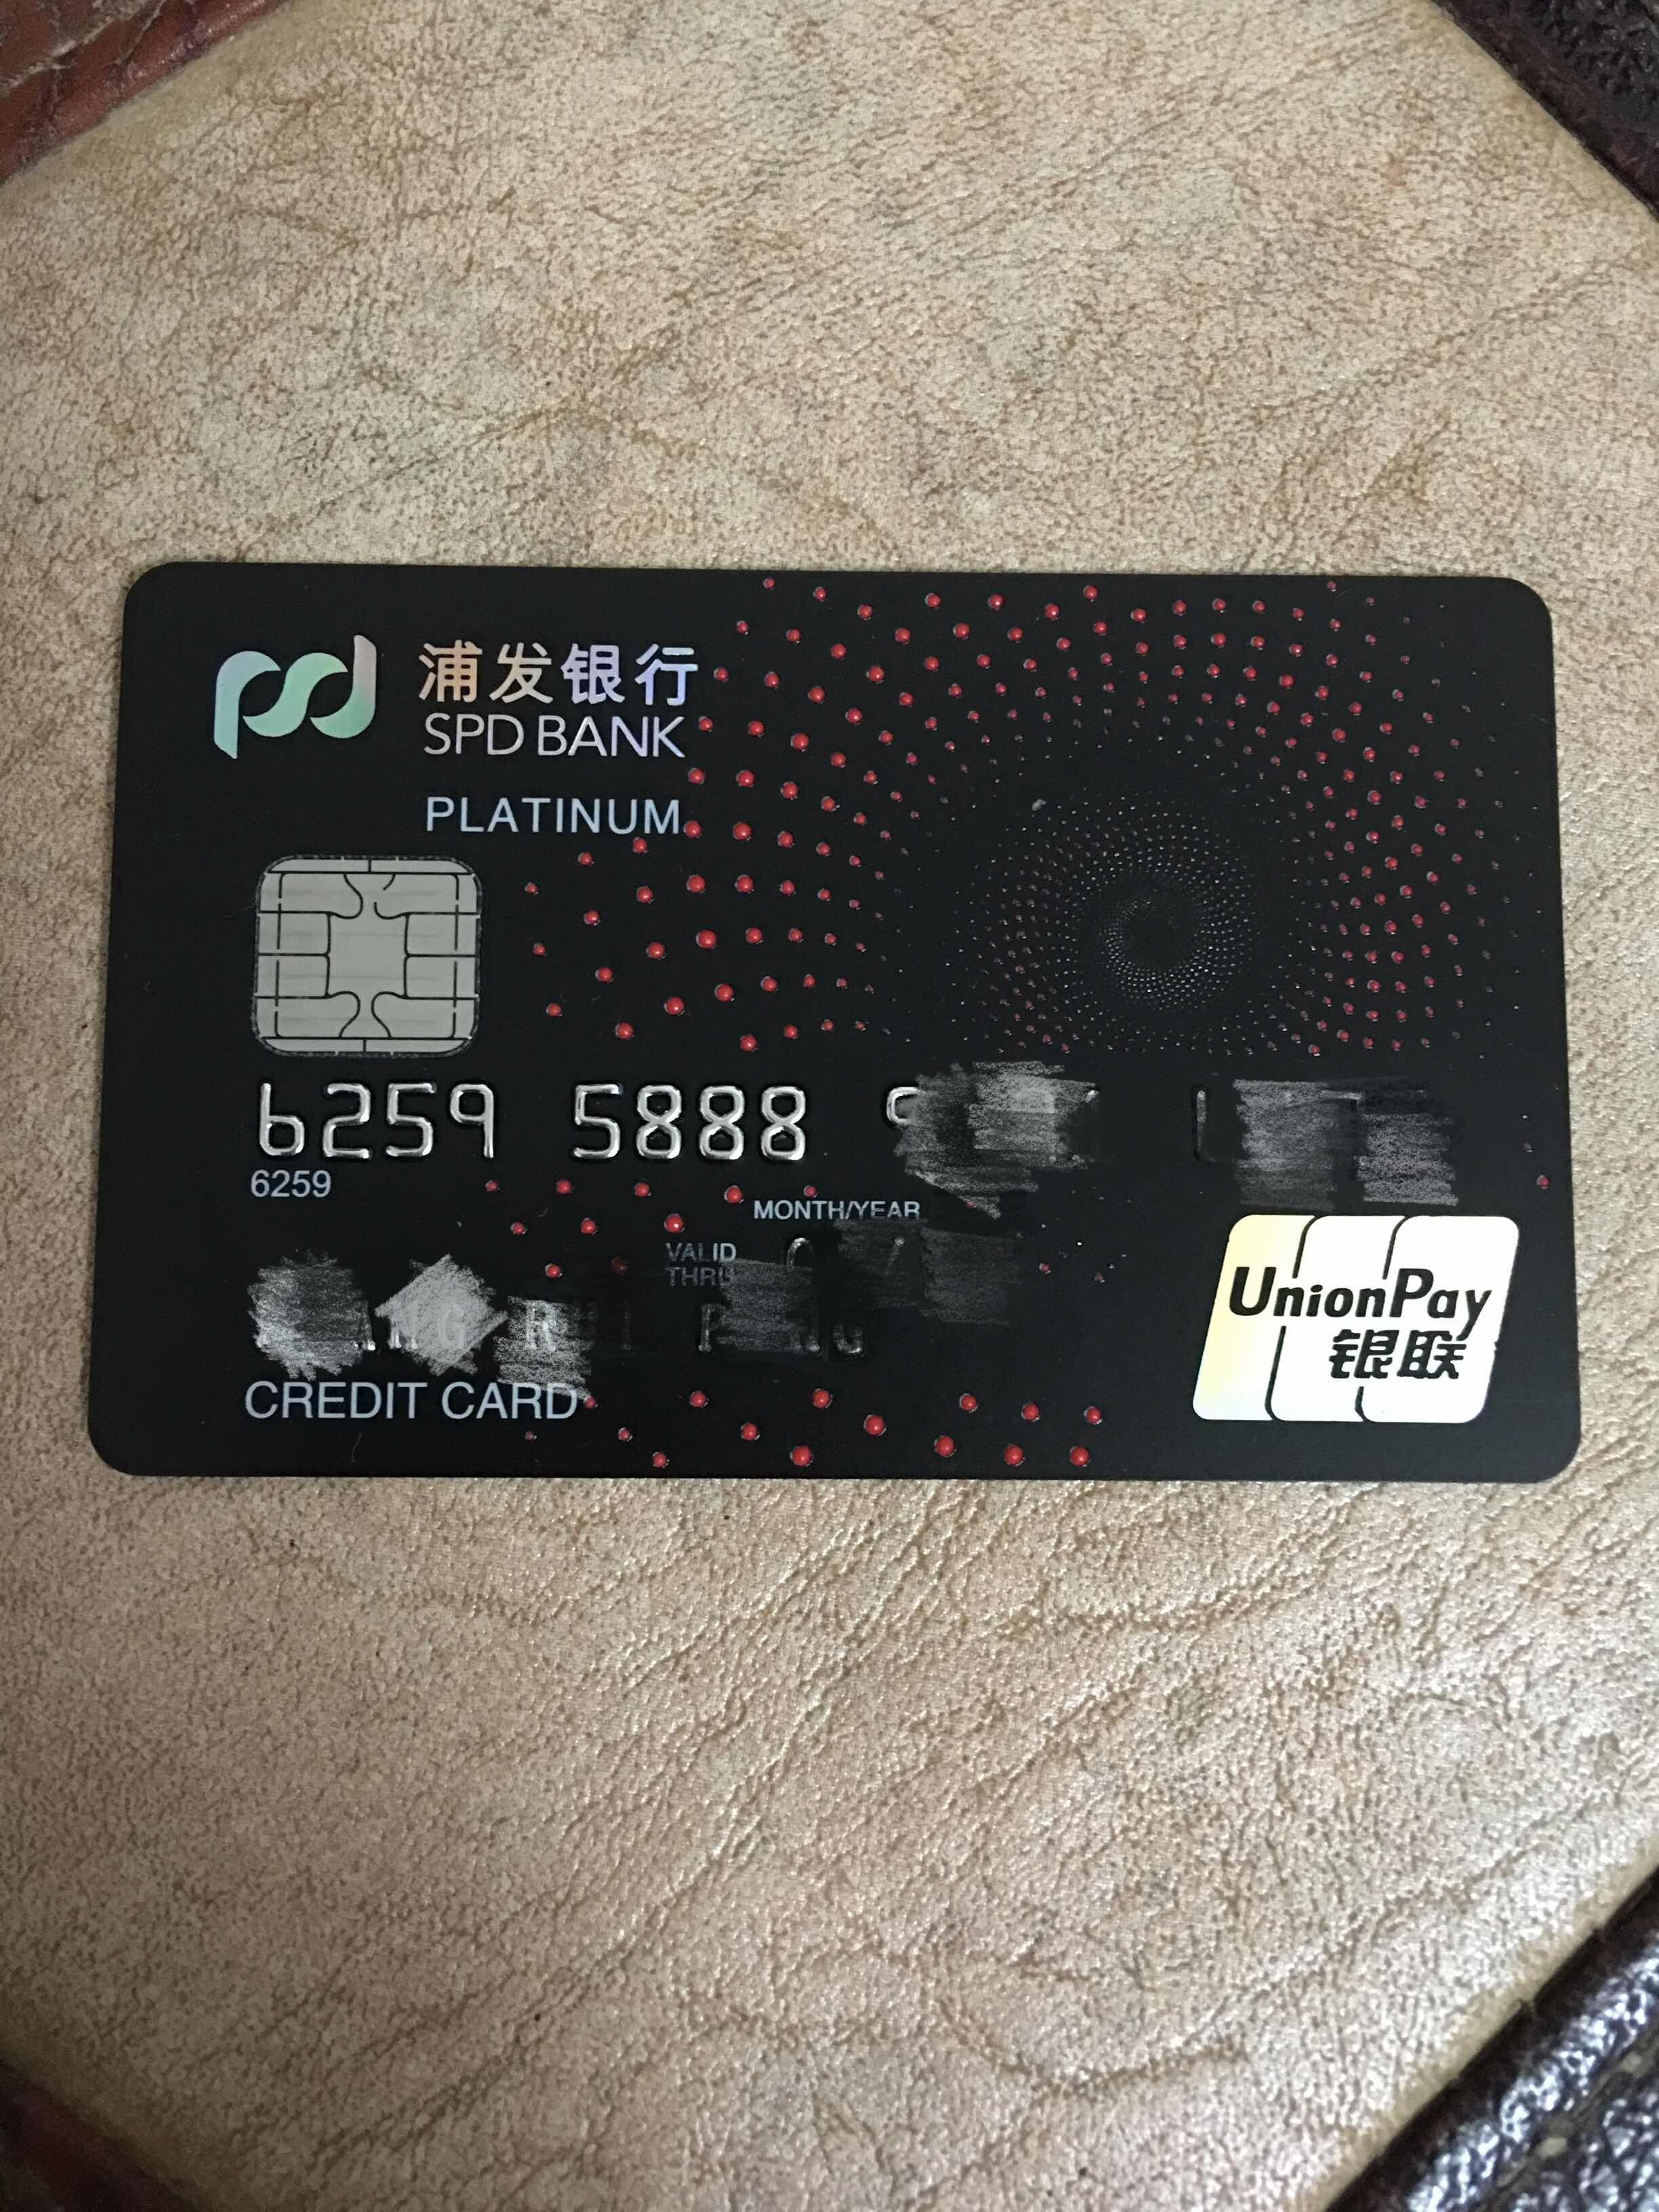 白金梦卡-黑色银联版 - 浦发信用卡专区 - 信用卡论坛